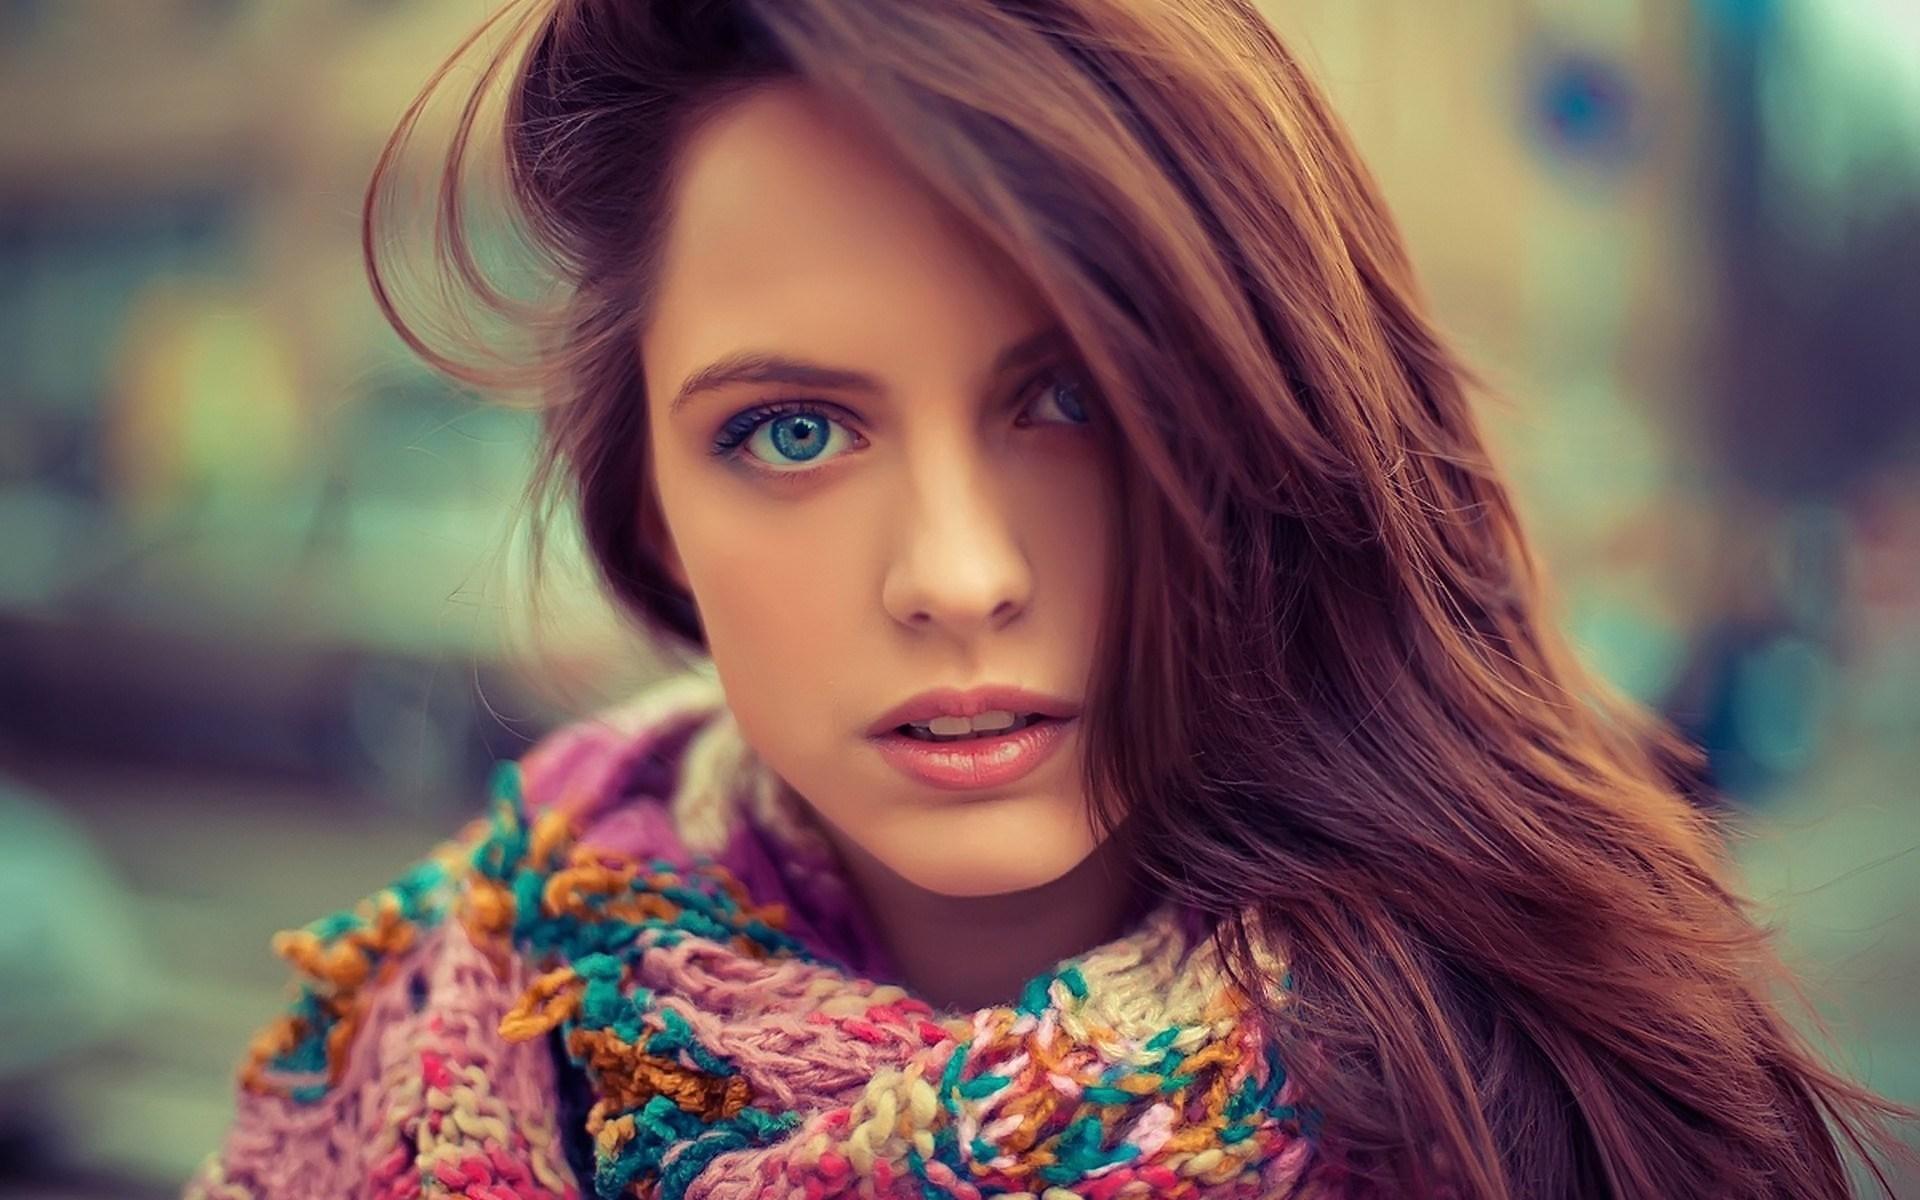 بالصور صور اجمل النساء , بالصور اجمل نساء العالم 2983 2